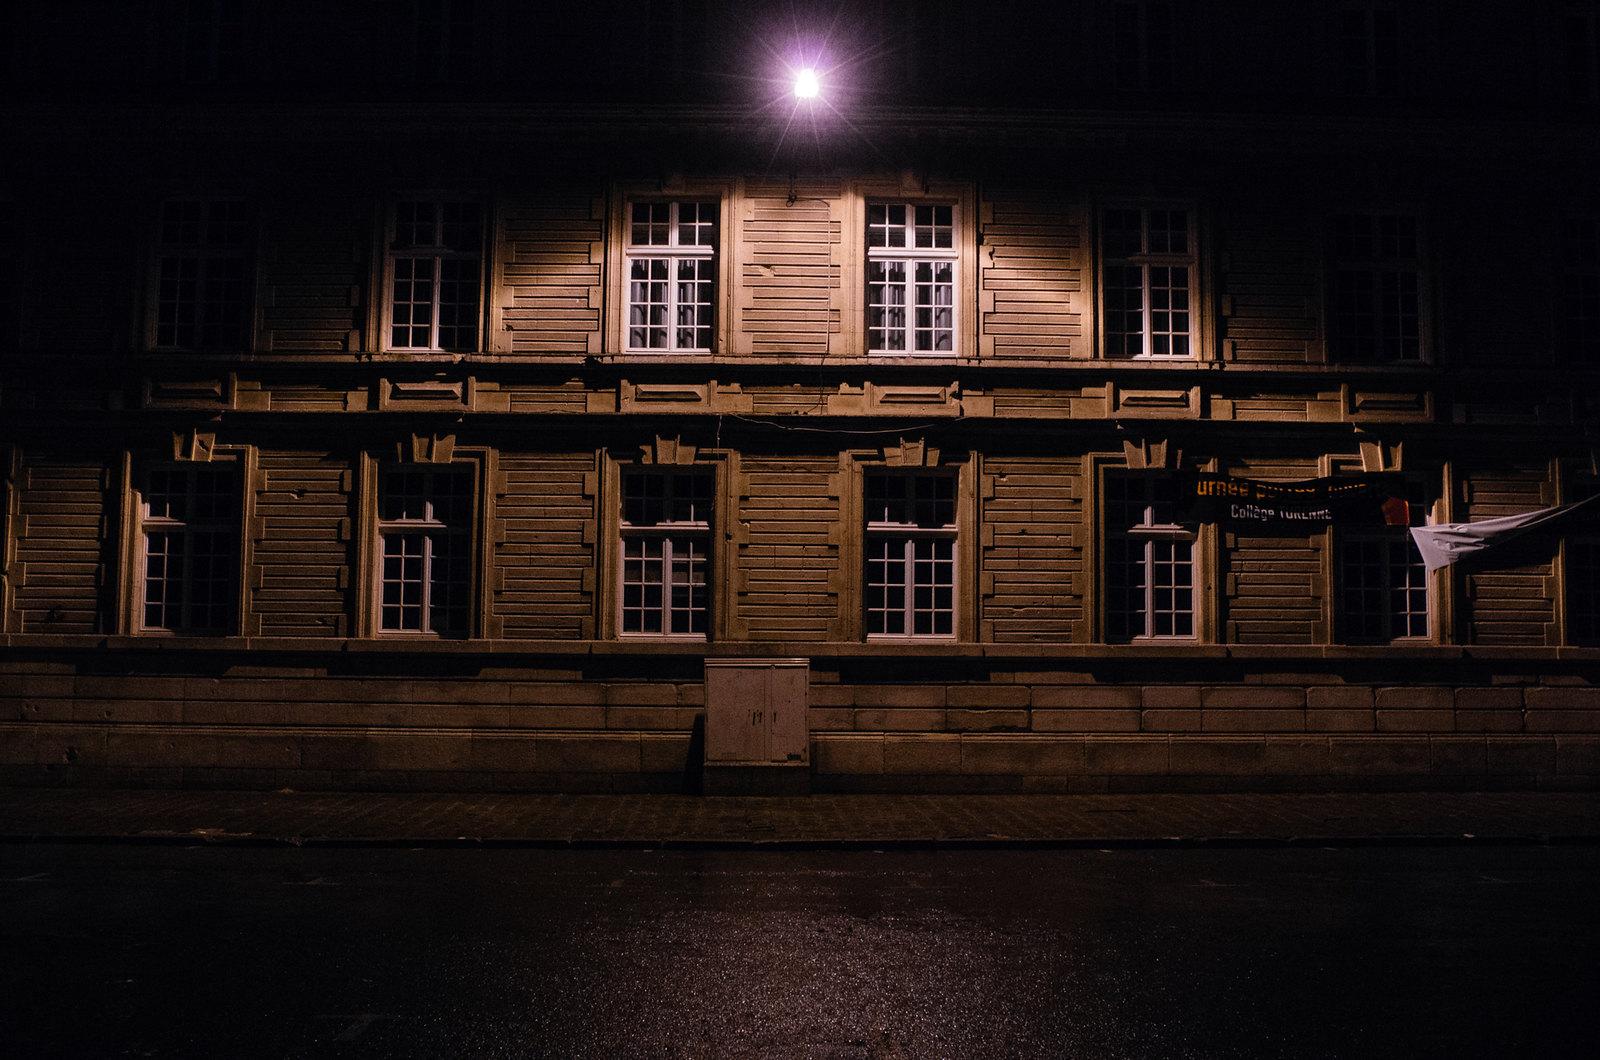 Road trip en France - Sedan, place d'Alsace-Lorraine